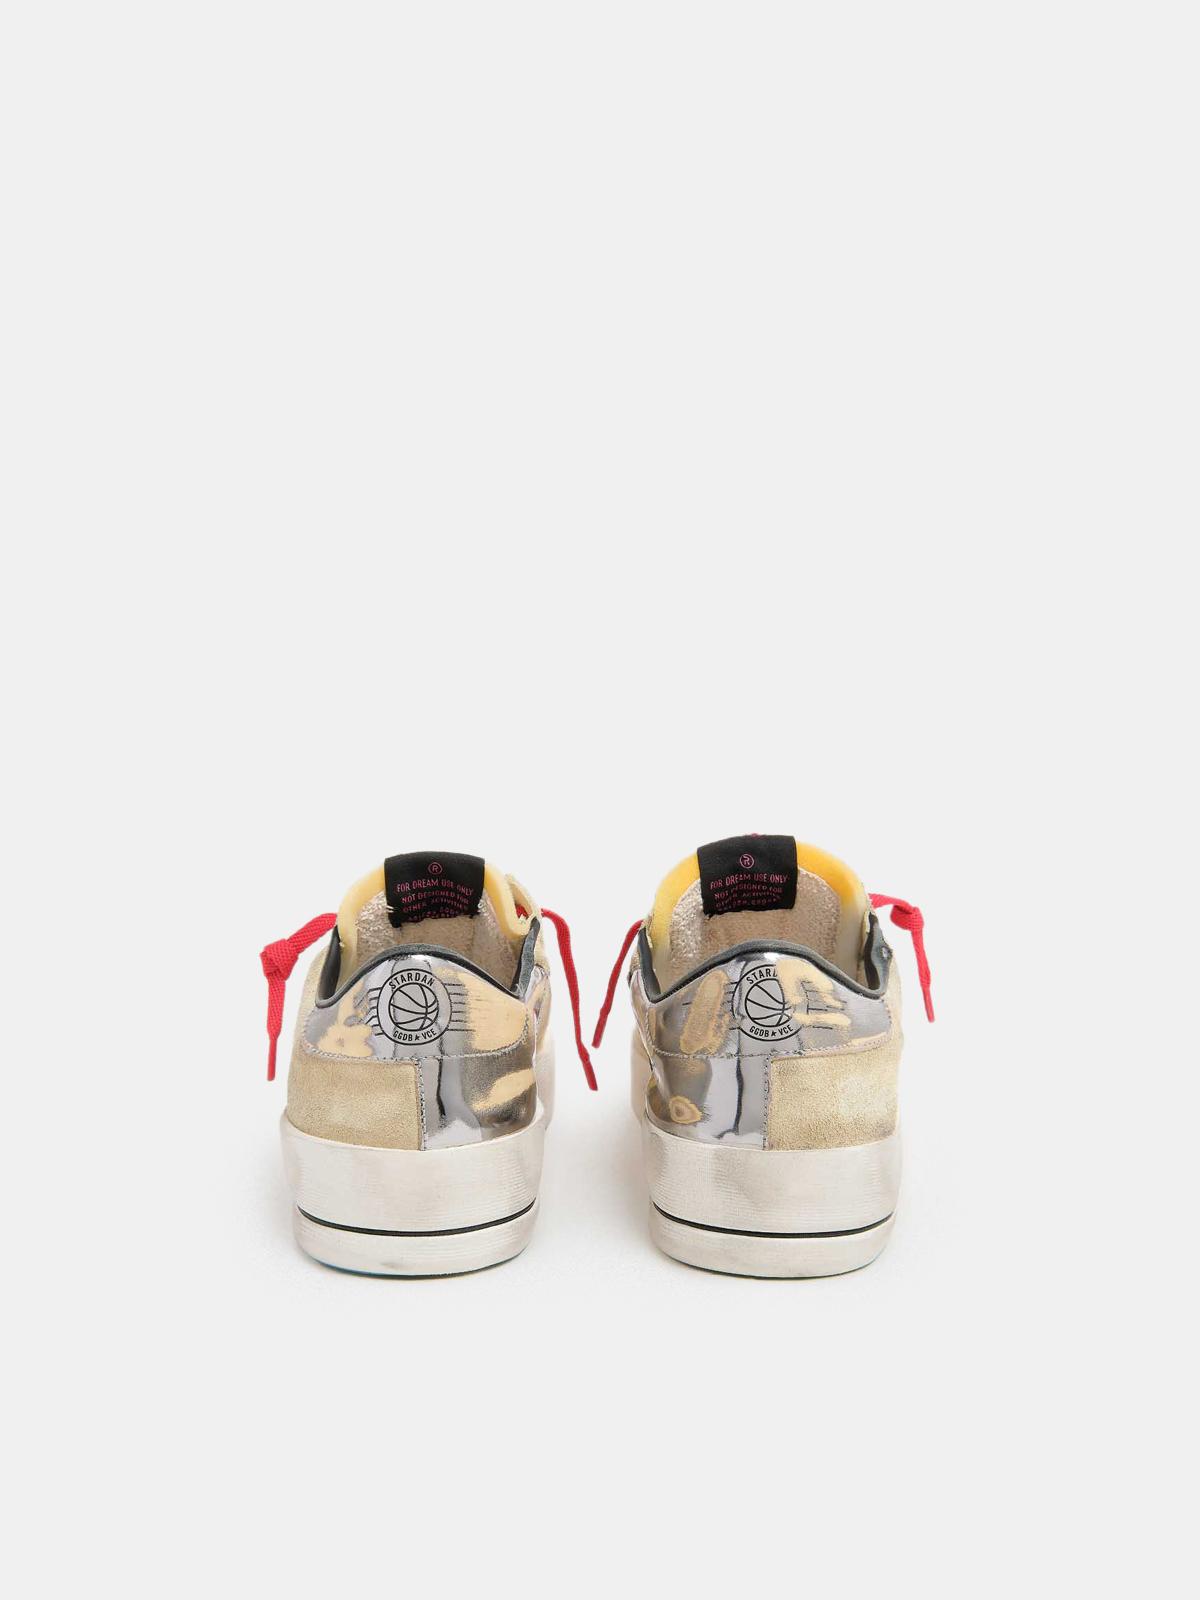 Golden Goose - Stardan sneakers in suede with metallic heel tab in